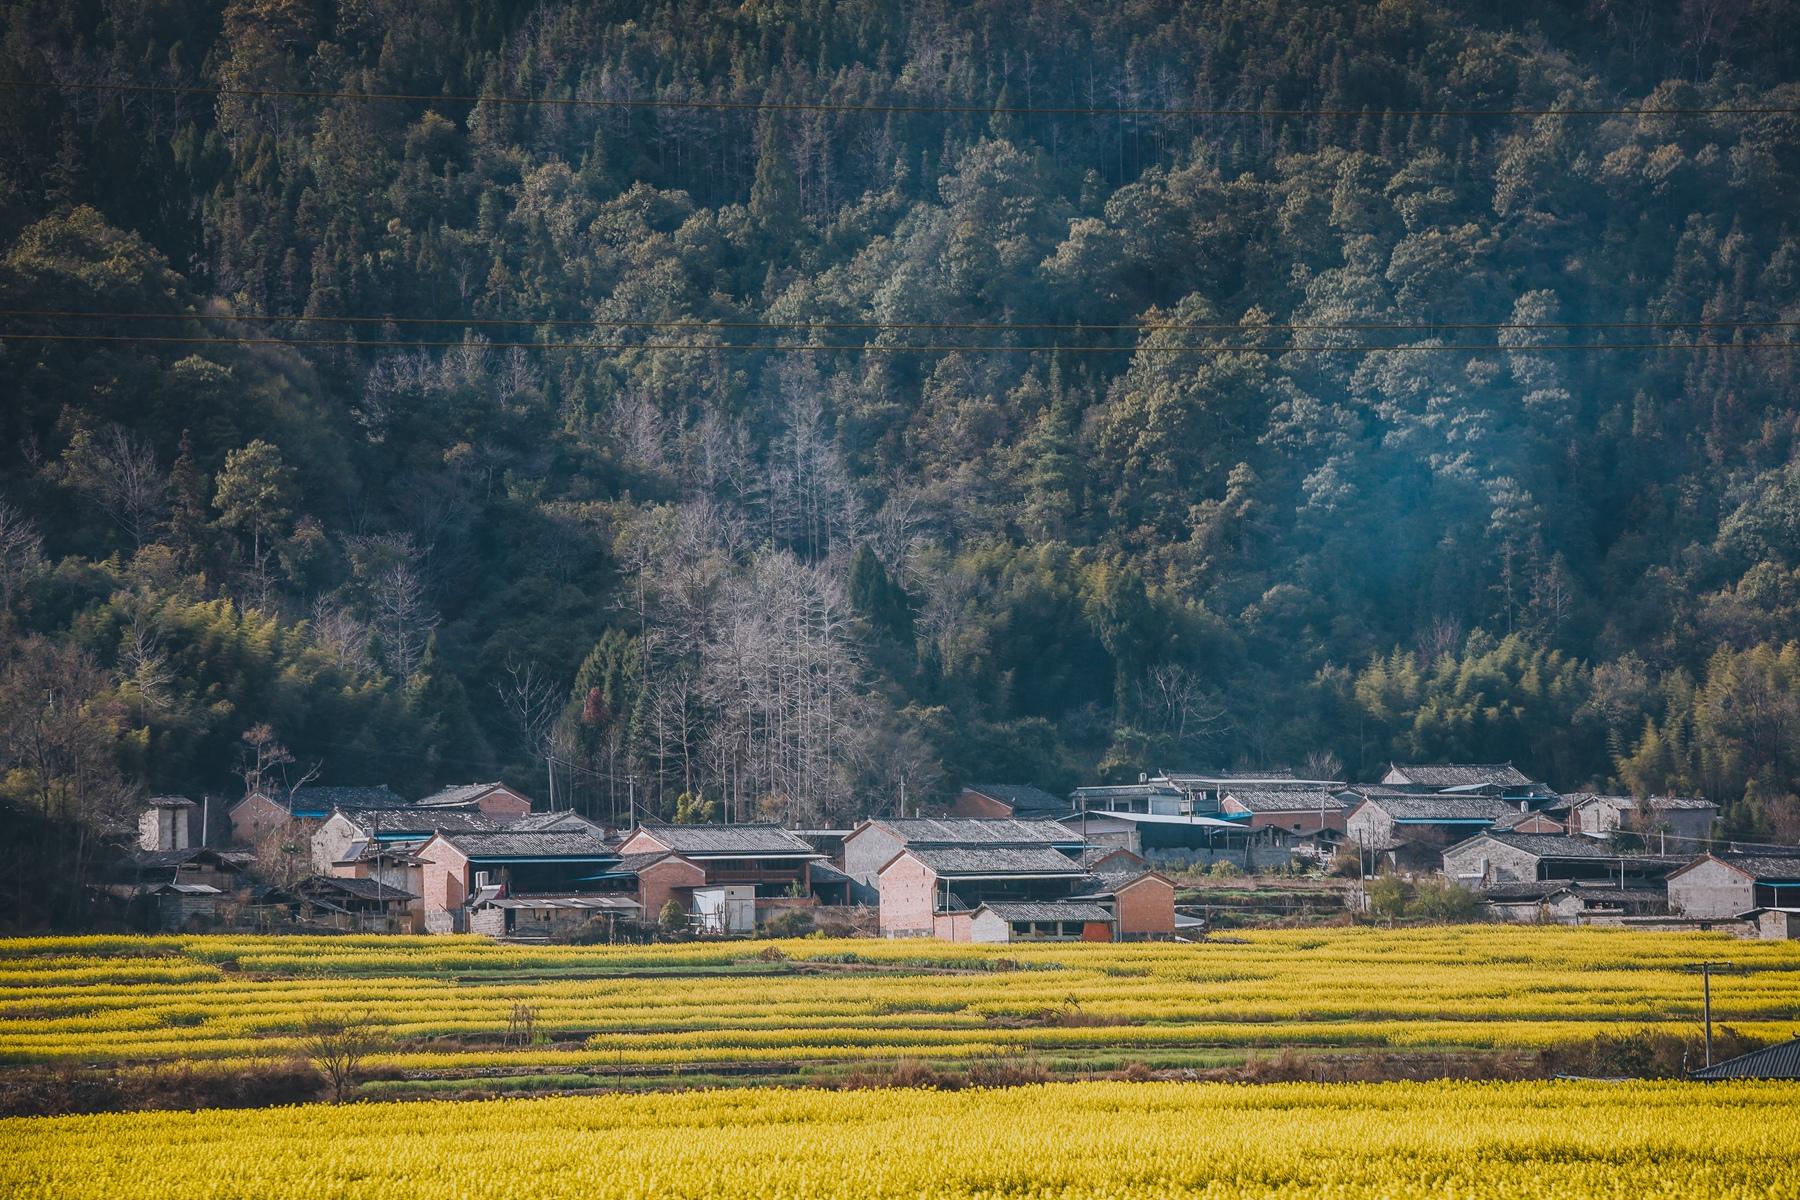 云南腾百年老宅,曾是缅甸翡翠大王故居,屋内一块玉比一套房还贵